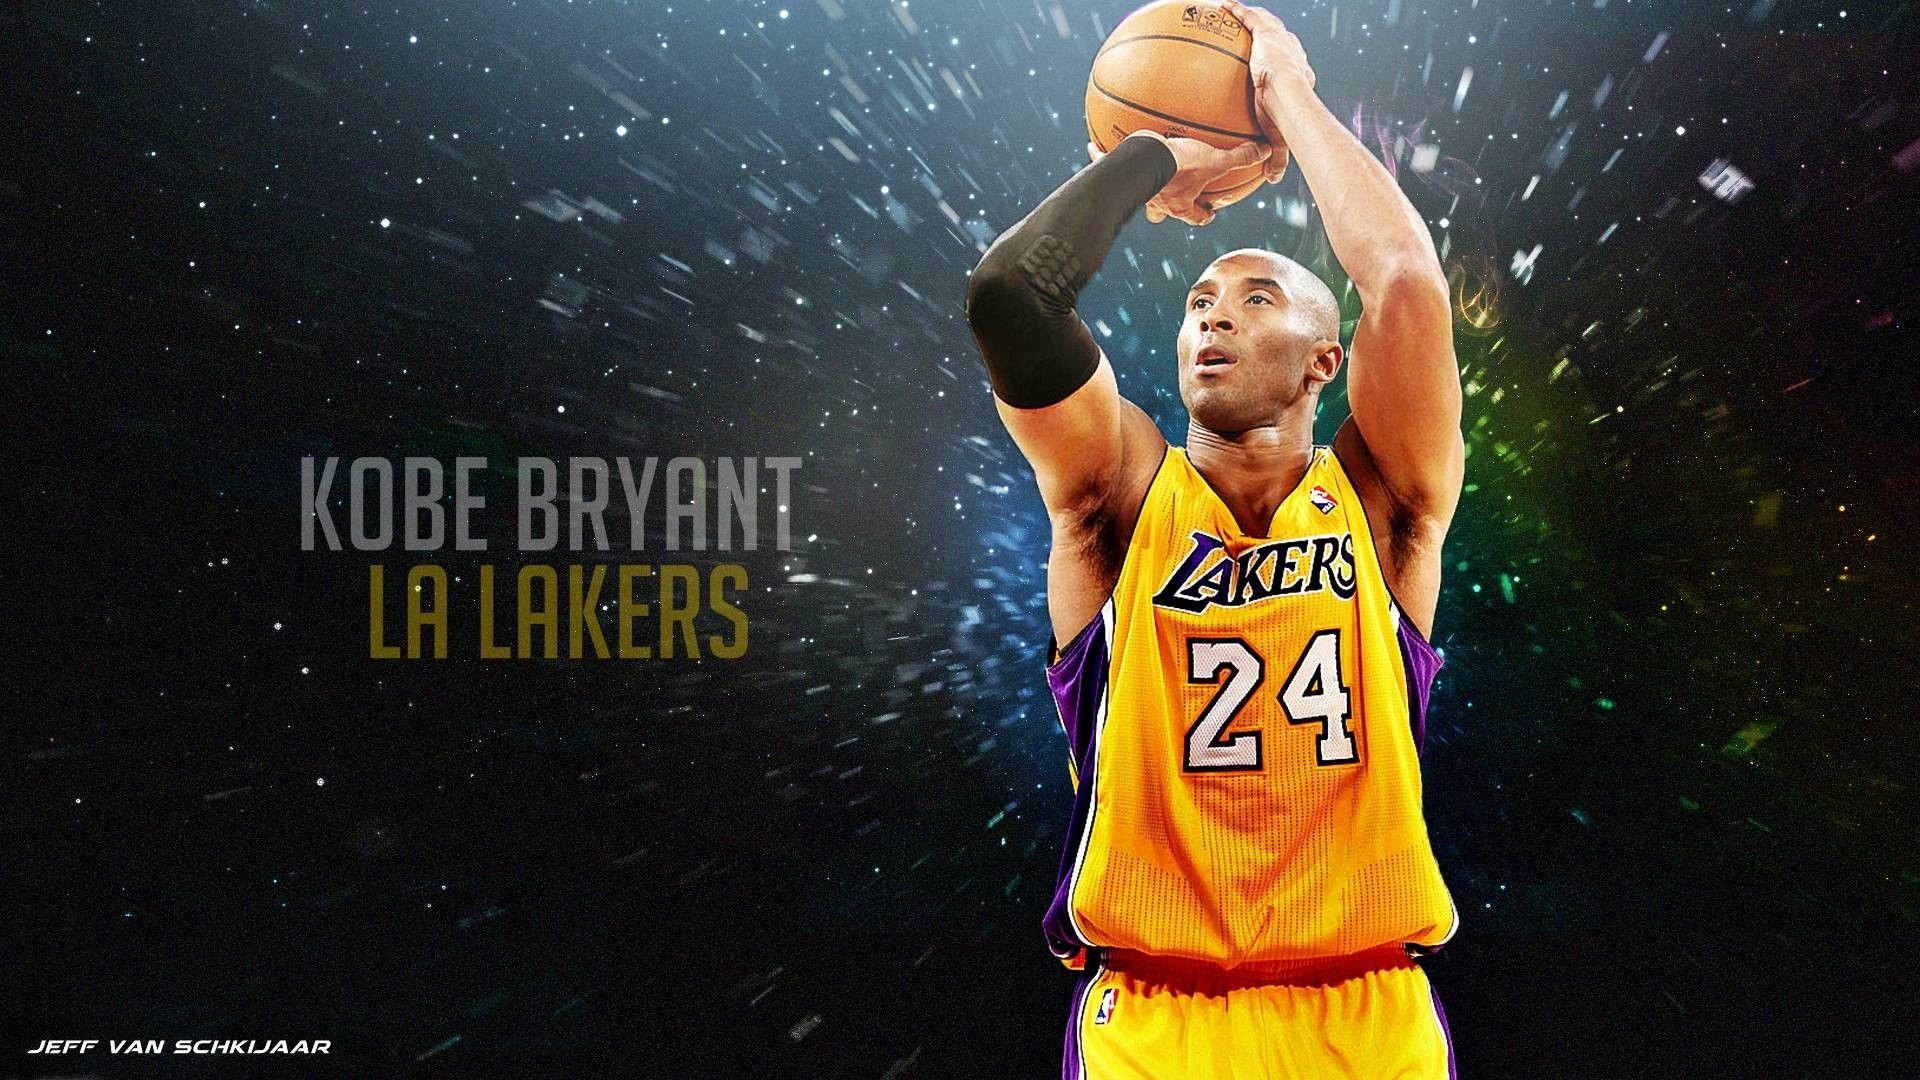 Fresh Kobe Bryant Desktop Background In 2020 Kobe Bryant Wallpaper Kobe Bryant Lakers Wallpaper